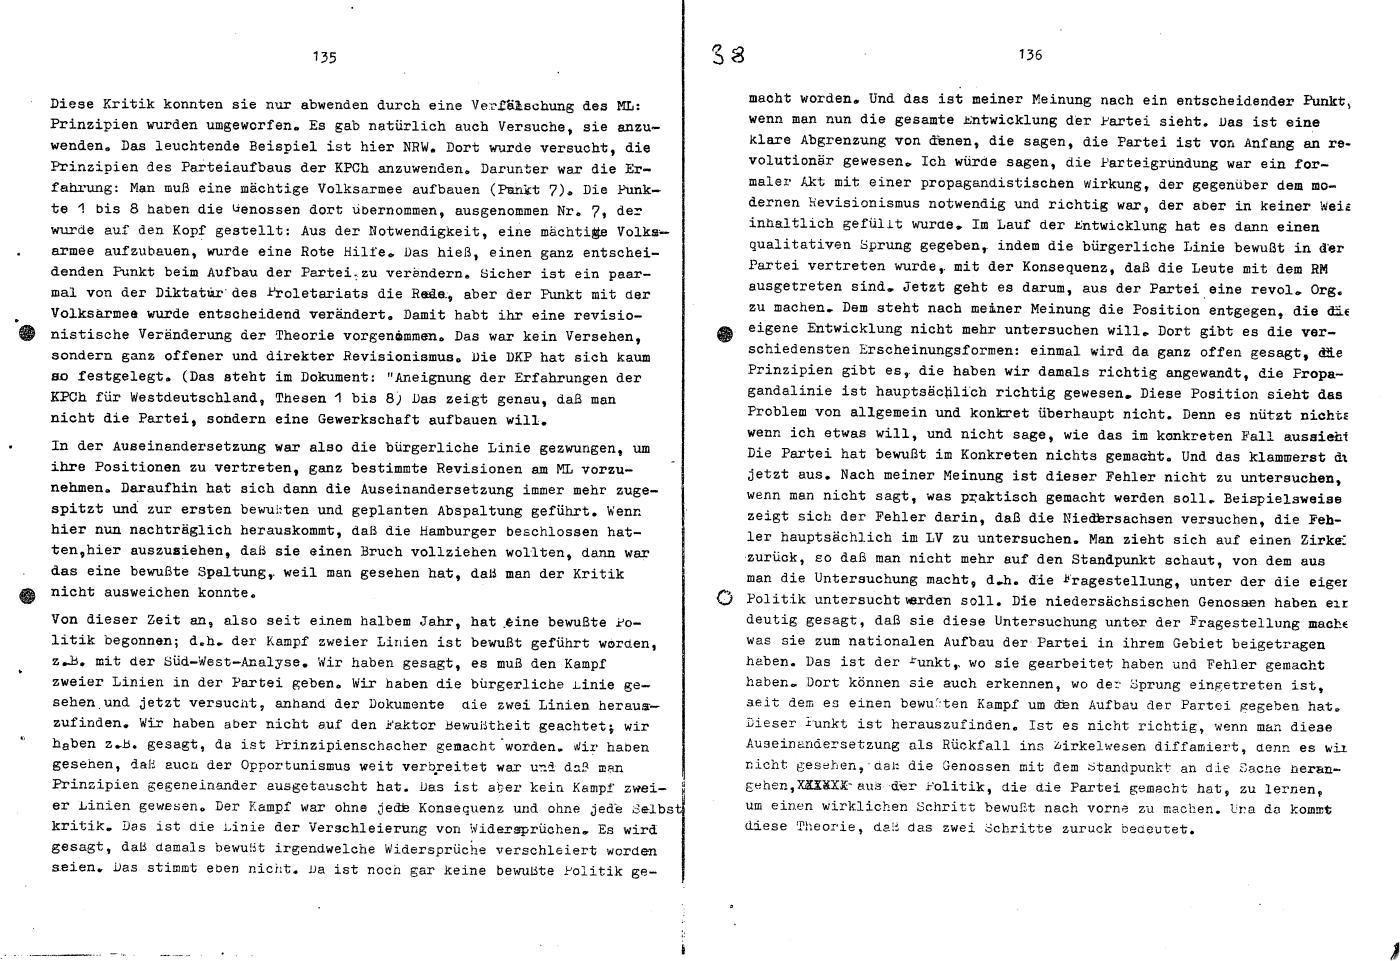 KPDML_1971_Wortprotokolle_aoPt_119